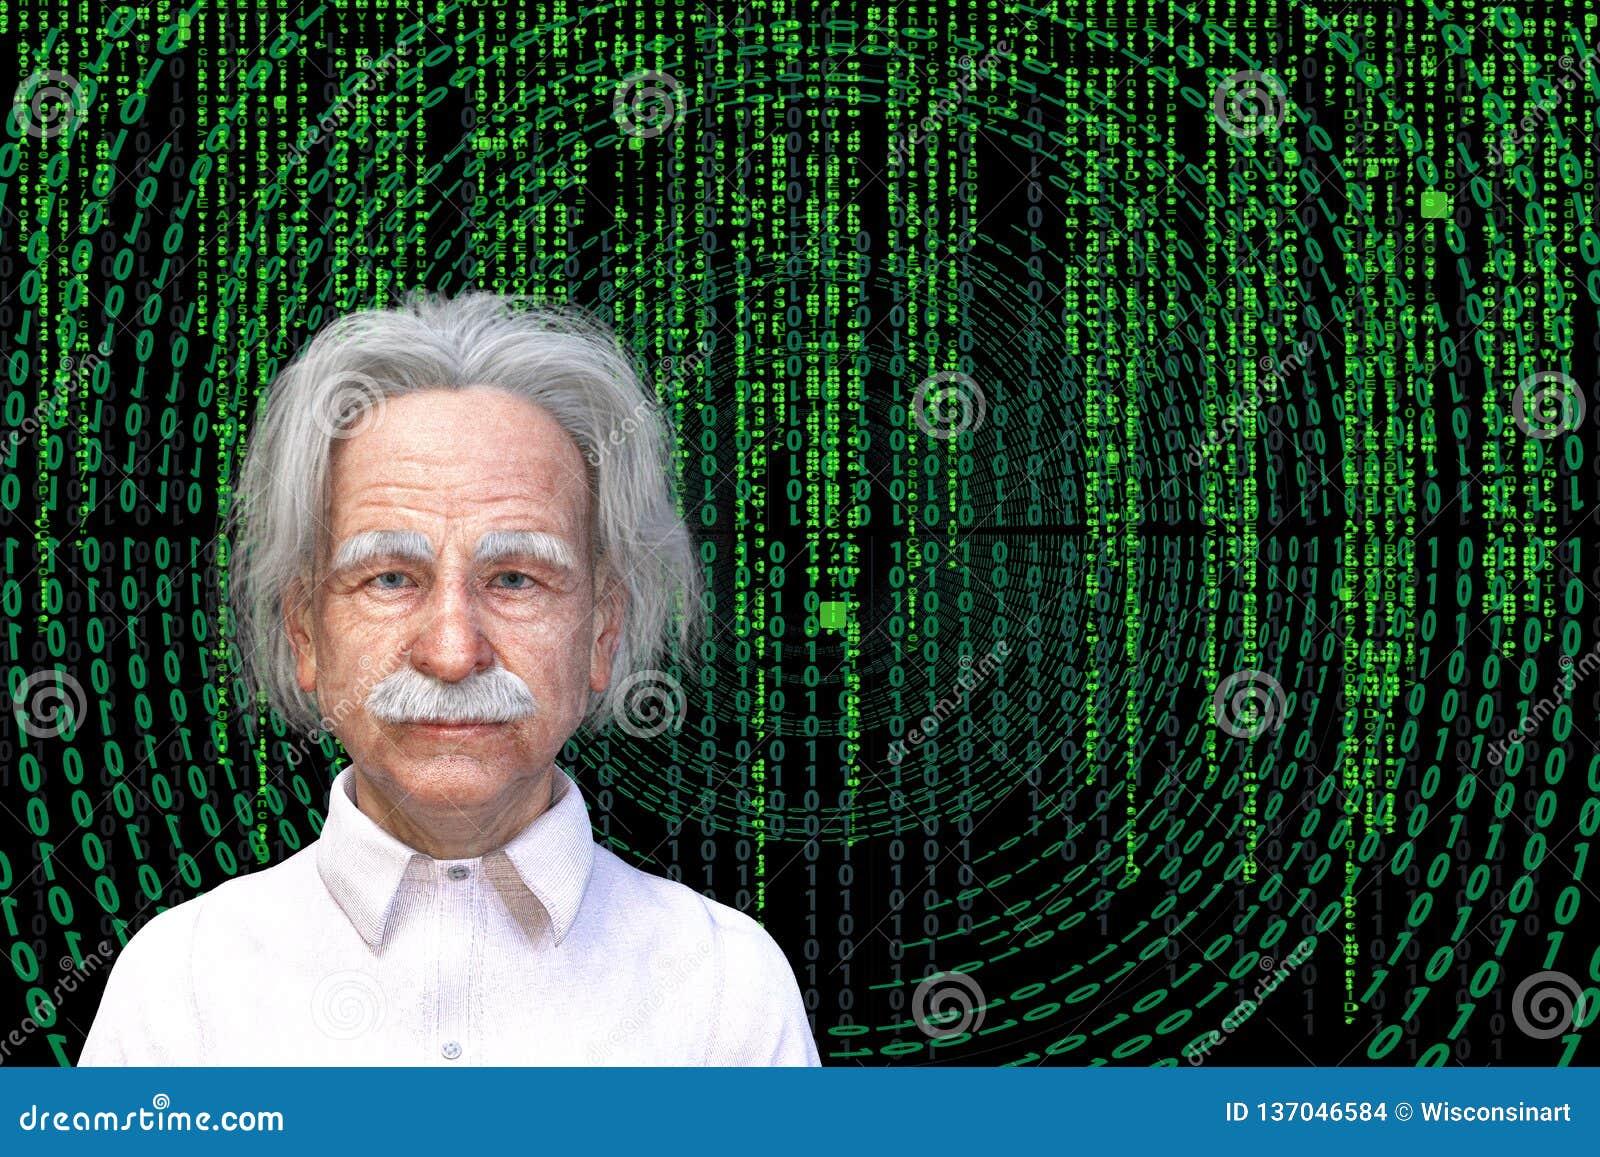 Einstein, technologie, la Science, scientifique, intelligence